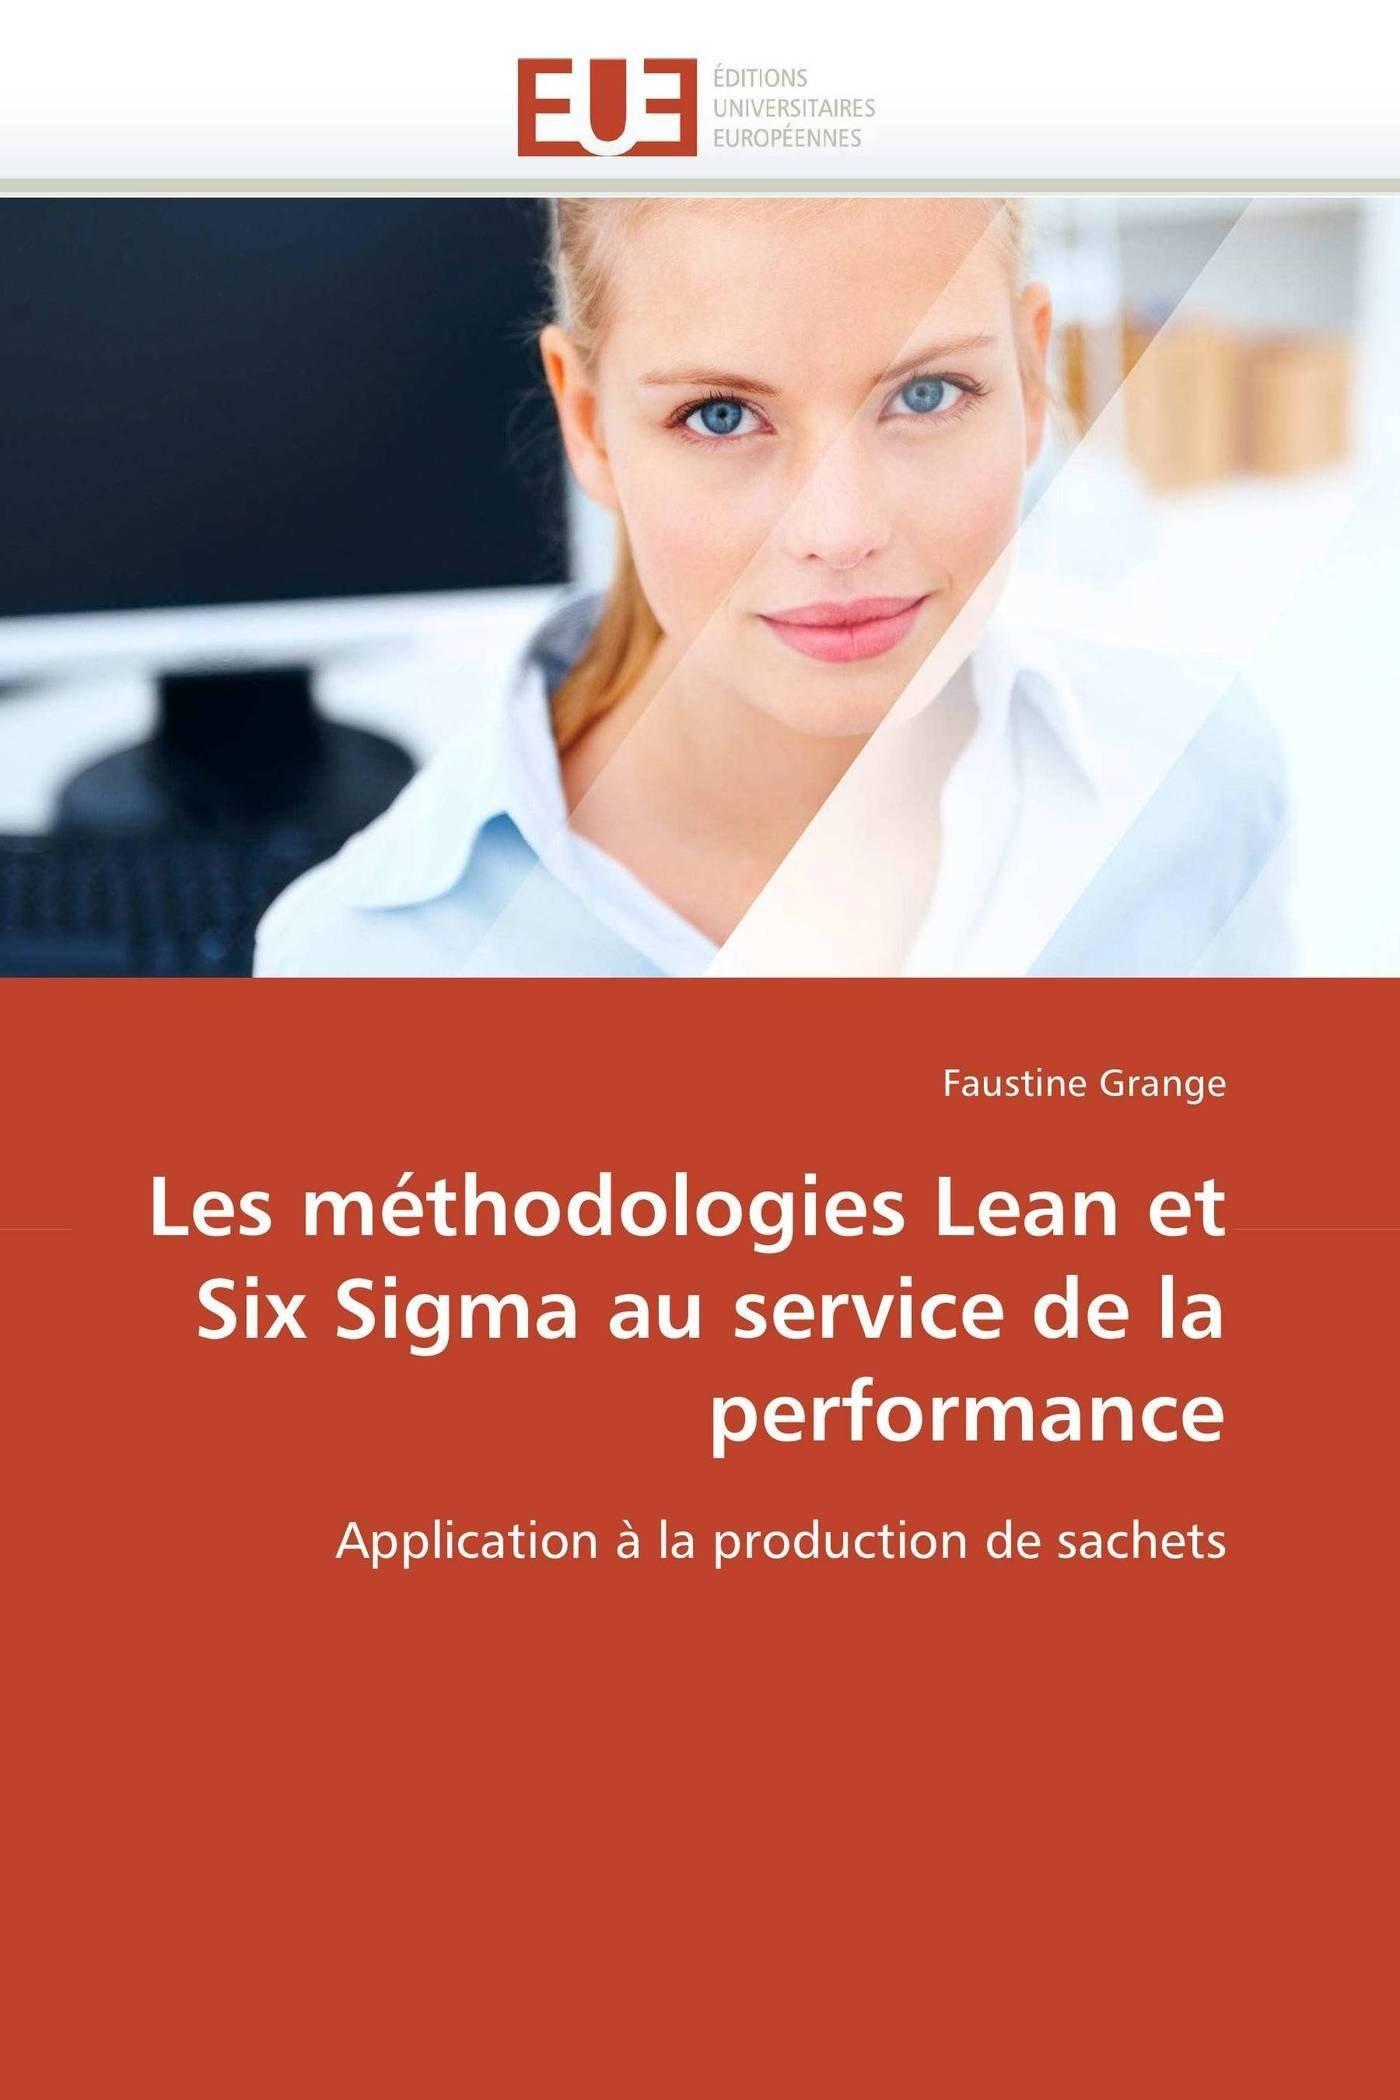 Les méthodologies Lean et Six Sigma au service de la performance: Application à la production de sachets (Omn.Univ.Europ.) (French Edition)